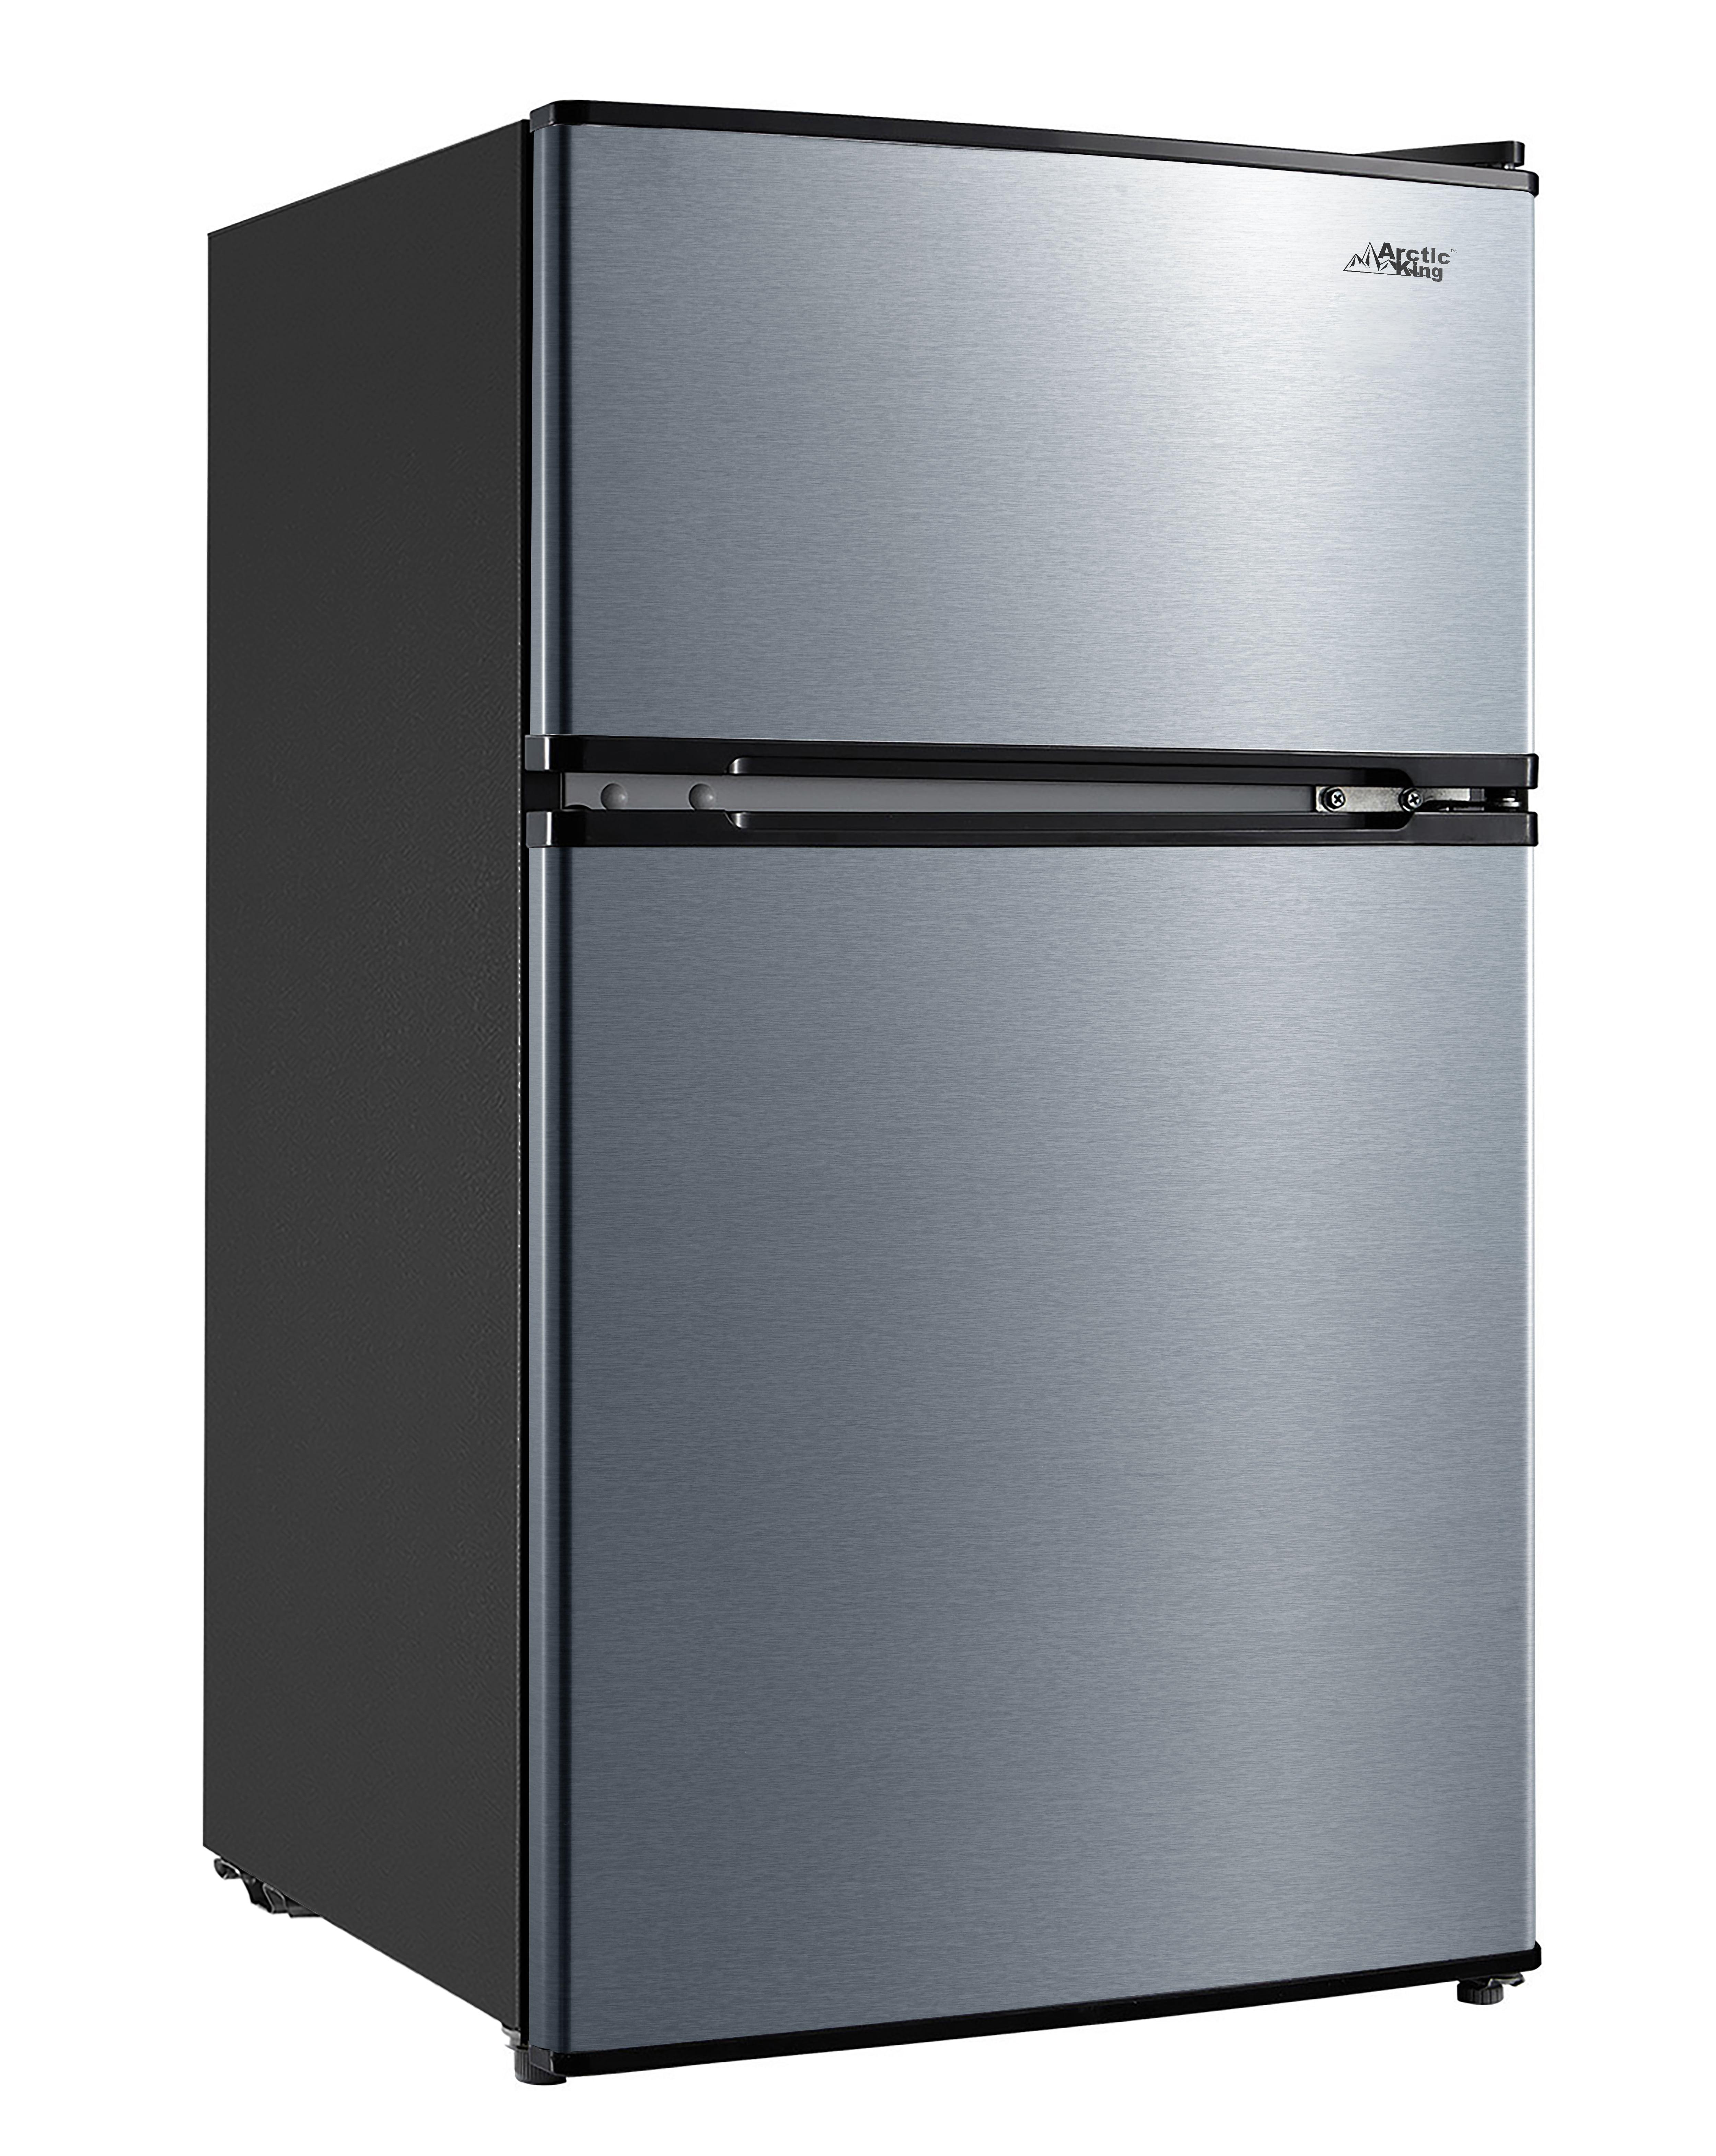 Arctic King 3 2 Cu Ft Two Door Mini Fridge With Freezer Stainless Steel Walmart Com Walmart Com